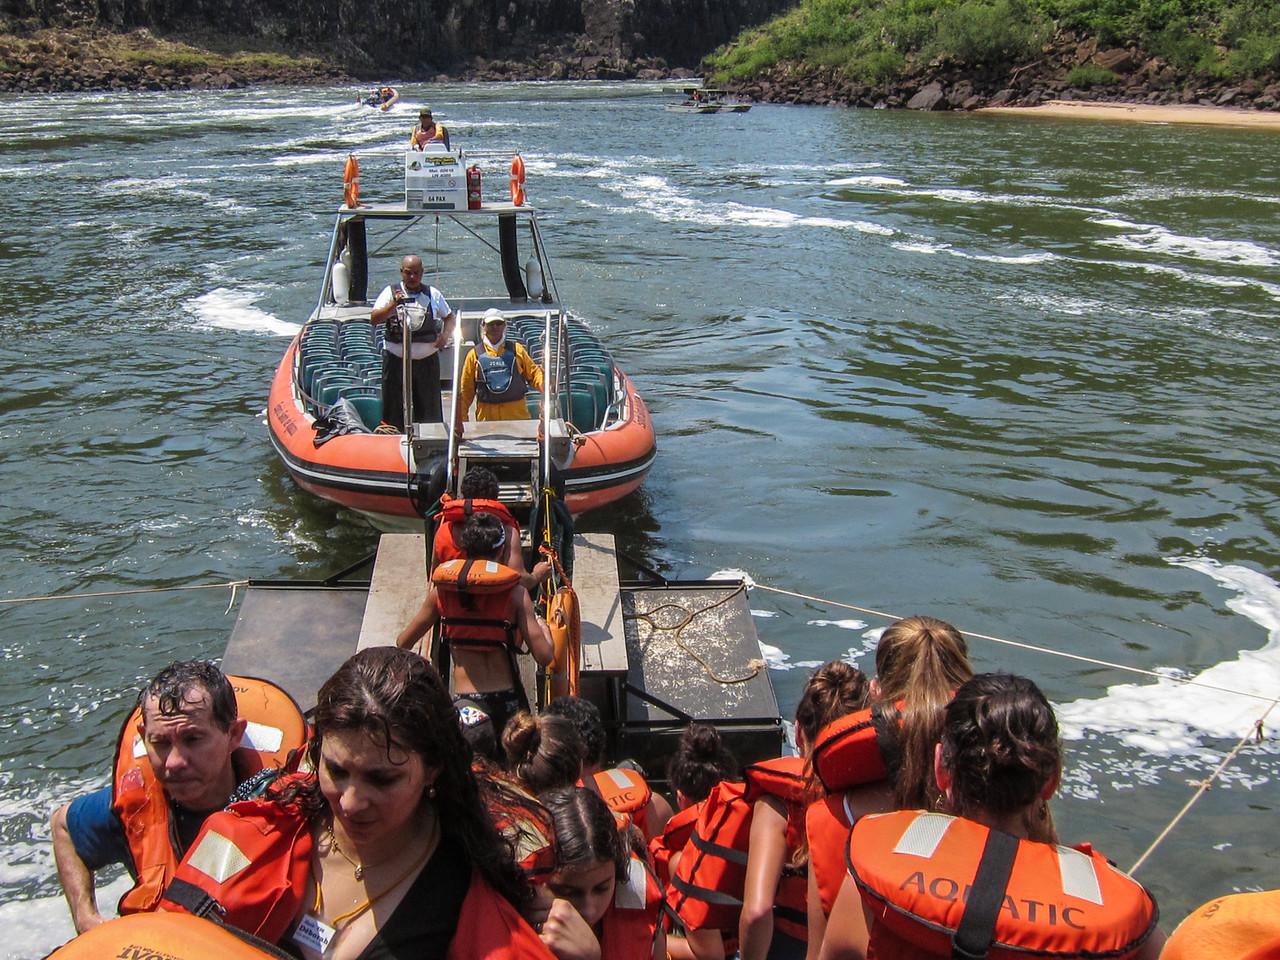 Jet boat tour.